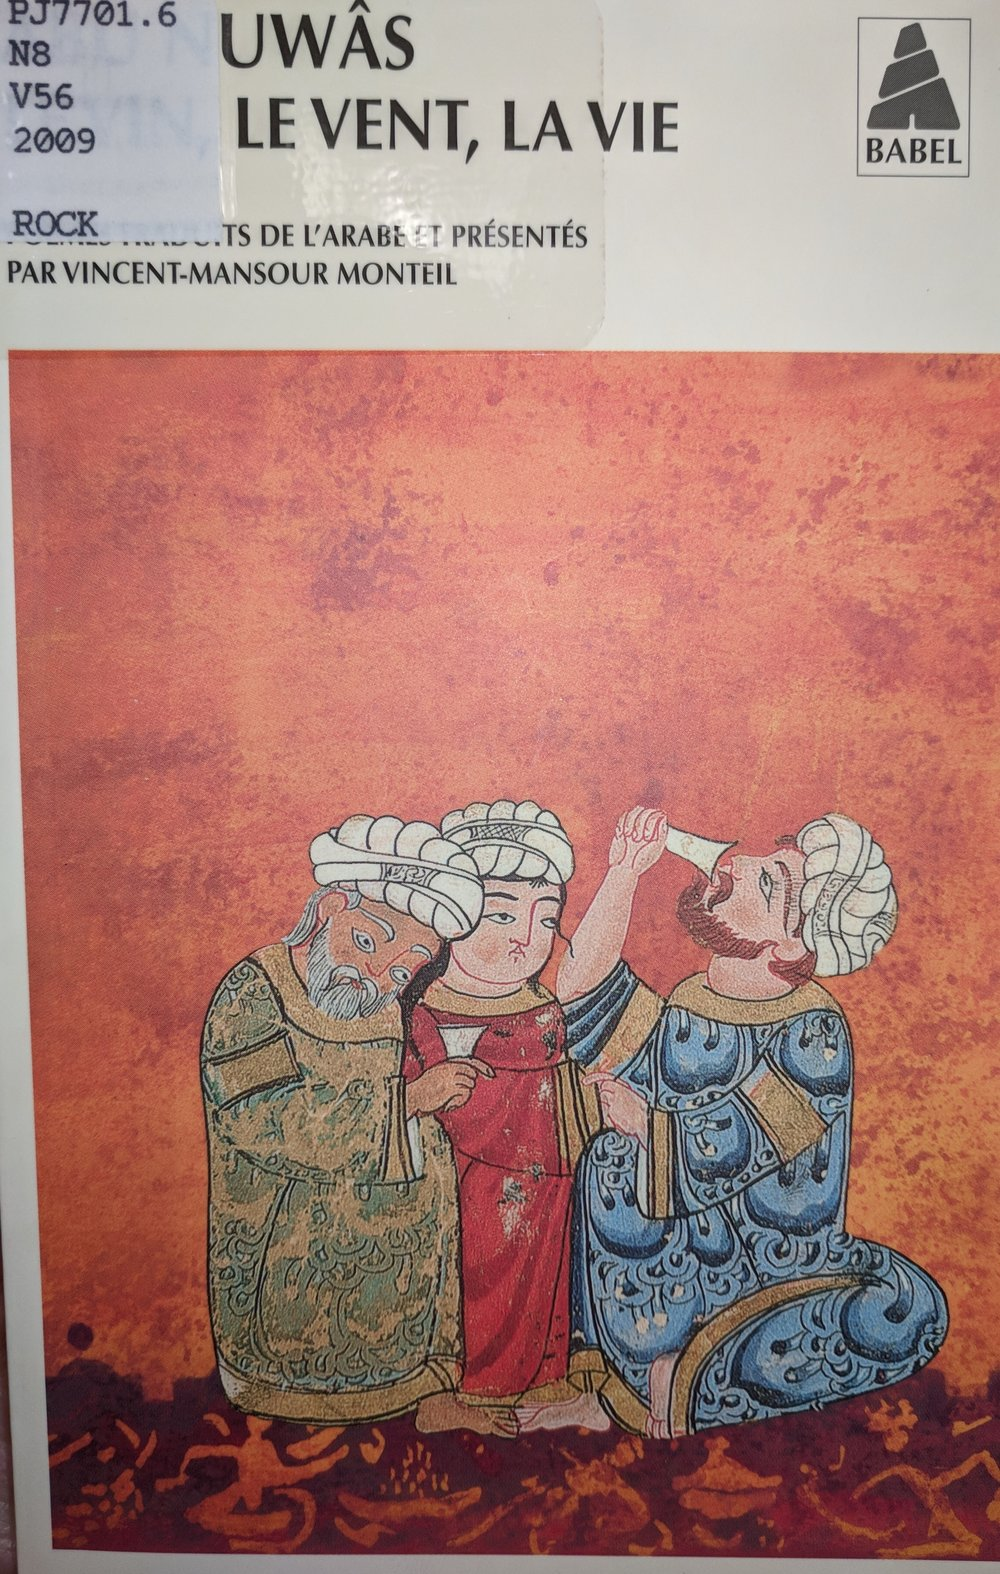 Abû Nuwâs; choix de poèmes traduits de l'arabe et présentés par Vincent-Mansour Monteil; calligraphies de Hassan Massoudy.  Arles : Actes sud; Montréal : Leméac, 2009.